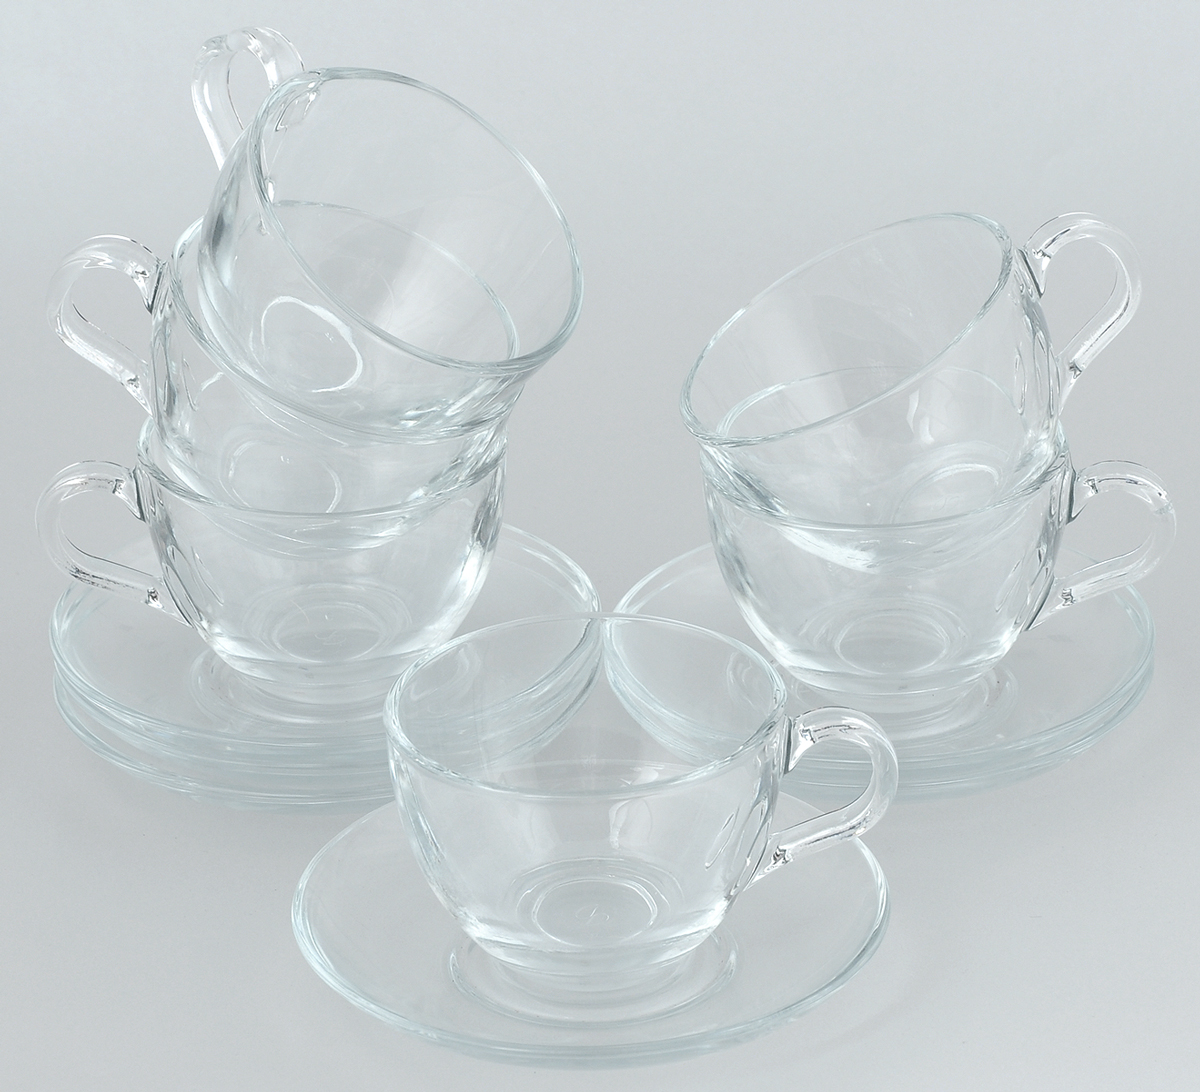 Набор чайный Pasabahce Basic, 12 предметов. 97948BT97948BTЧайный набор Pasabahce Basic состоит из шести чашек и шести блюдец. Предметы набора изготовлены из прочного натрий-кальций-силикатного стекла. Изящный чайный набор великолепно украсит стол к чаепитию и порадует вас и ваших гостей ярким дизайном и качеством исполнения.Объем чашки: 215 мл.Высота чашки: 6,5 см.Диаметр чашки: 9 см.Диаметр блюдца: 13,5 см.